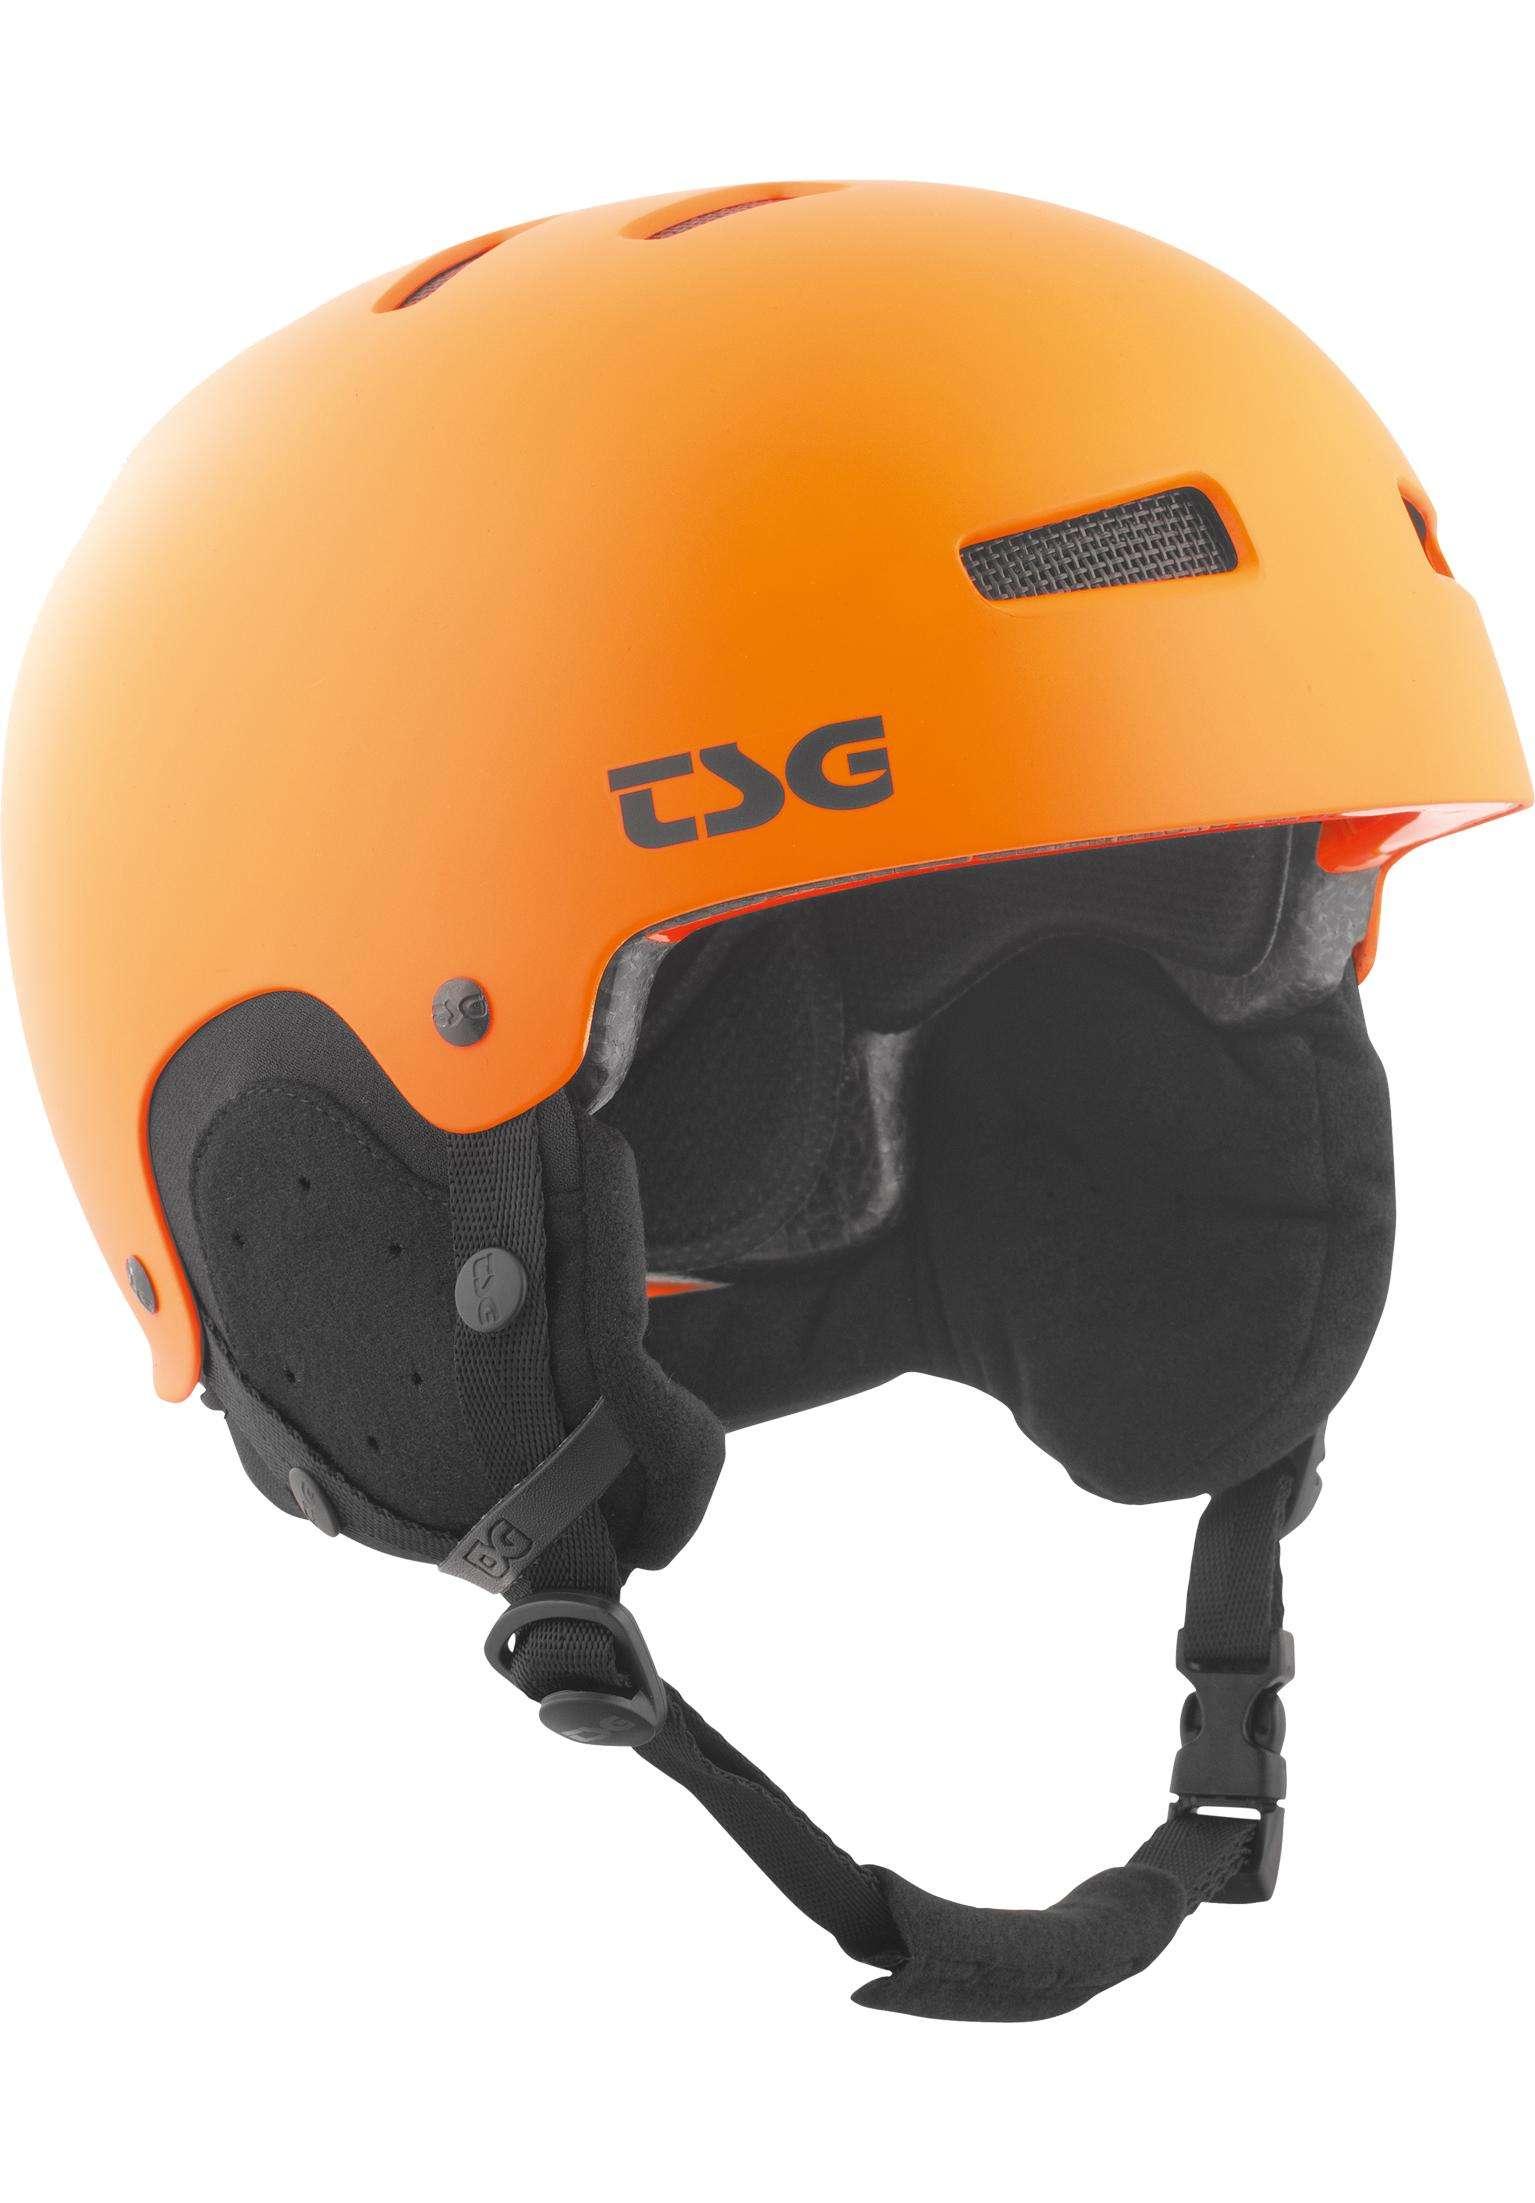 6c4599a0cb8e2 Gravity Solid Color TSG Snowboard Helmets in satin orange